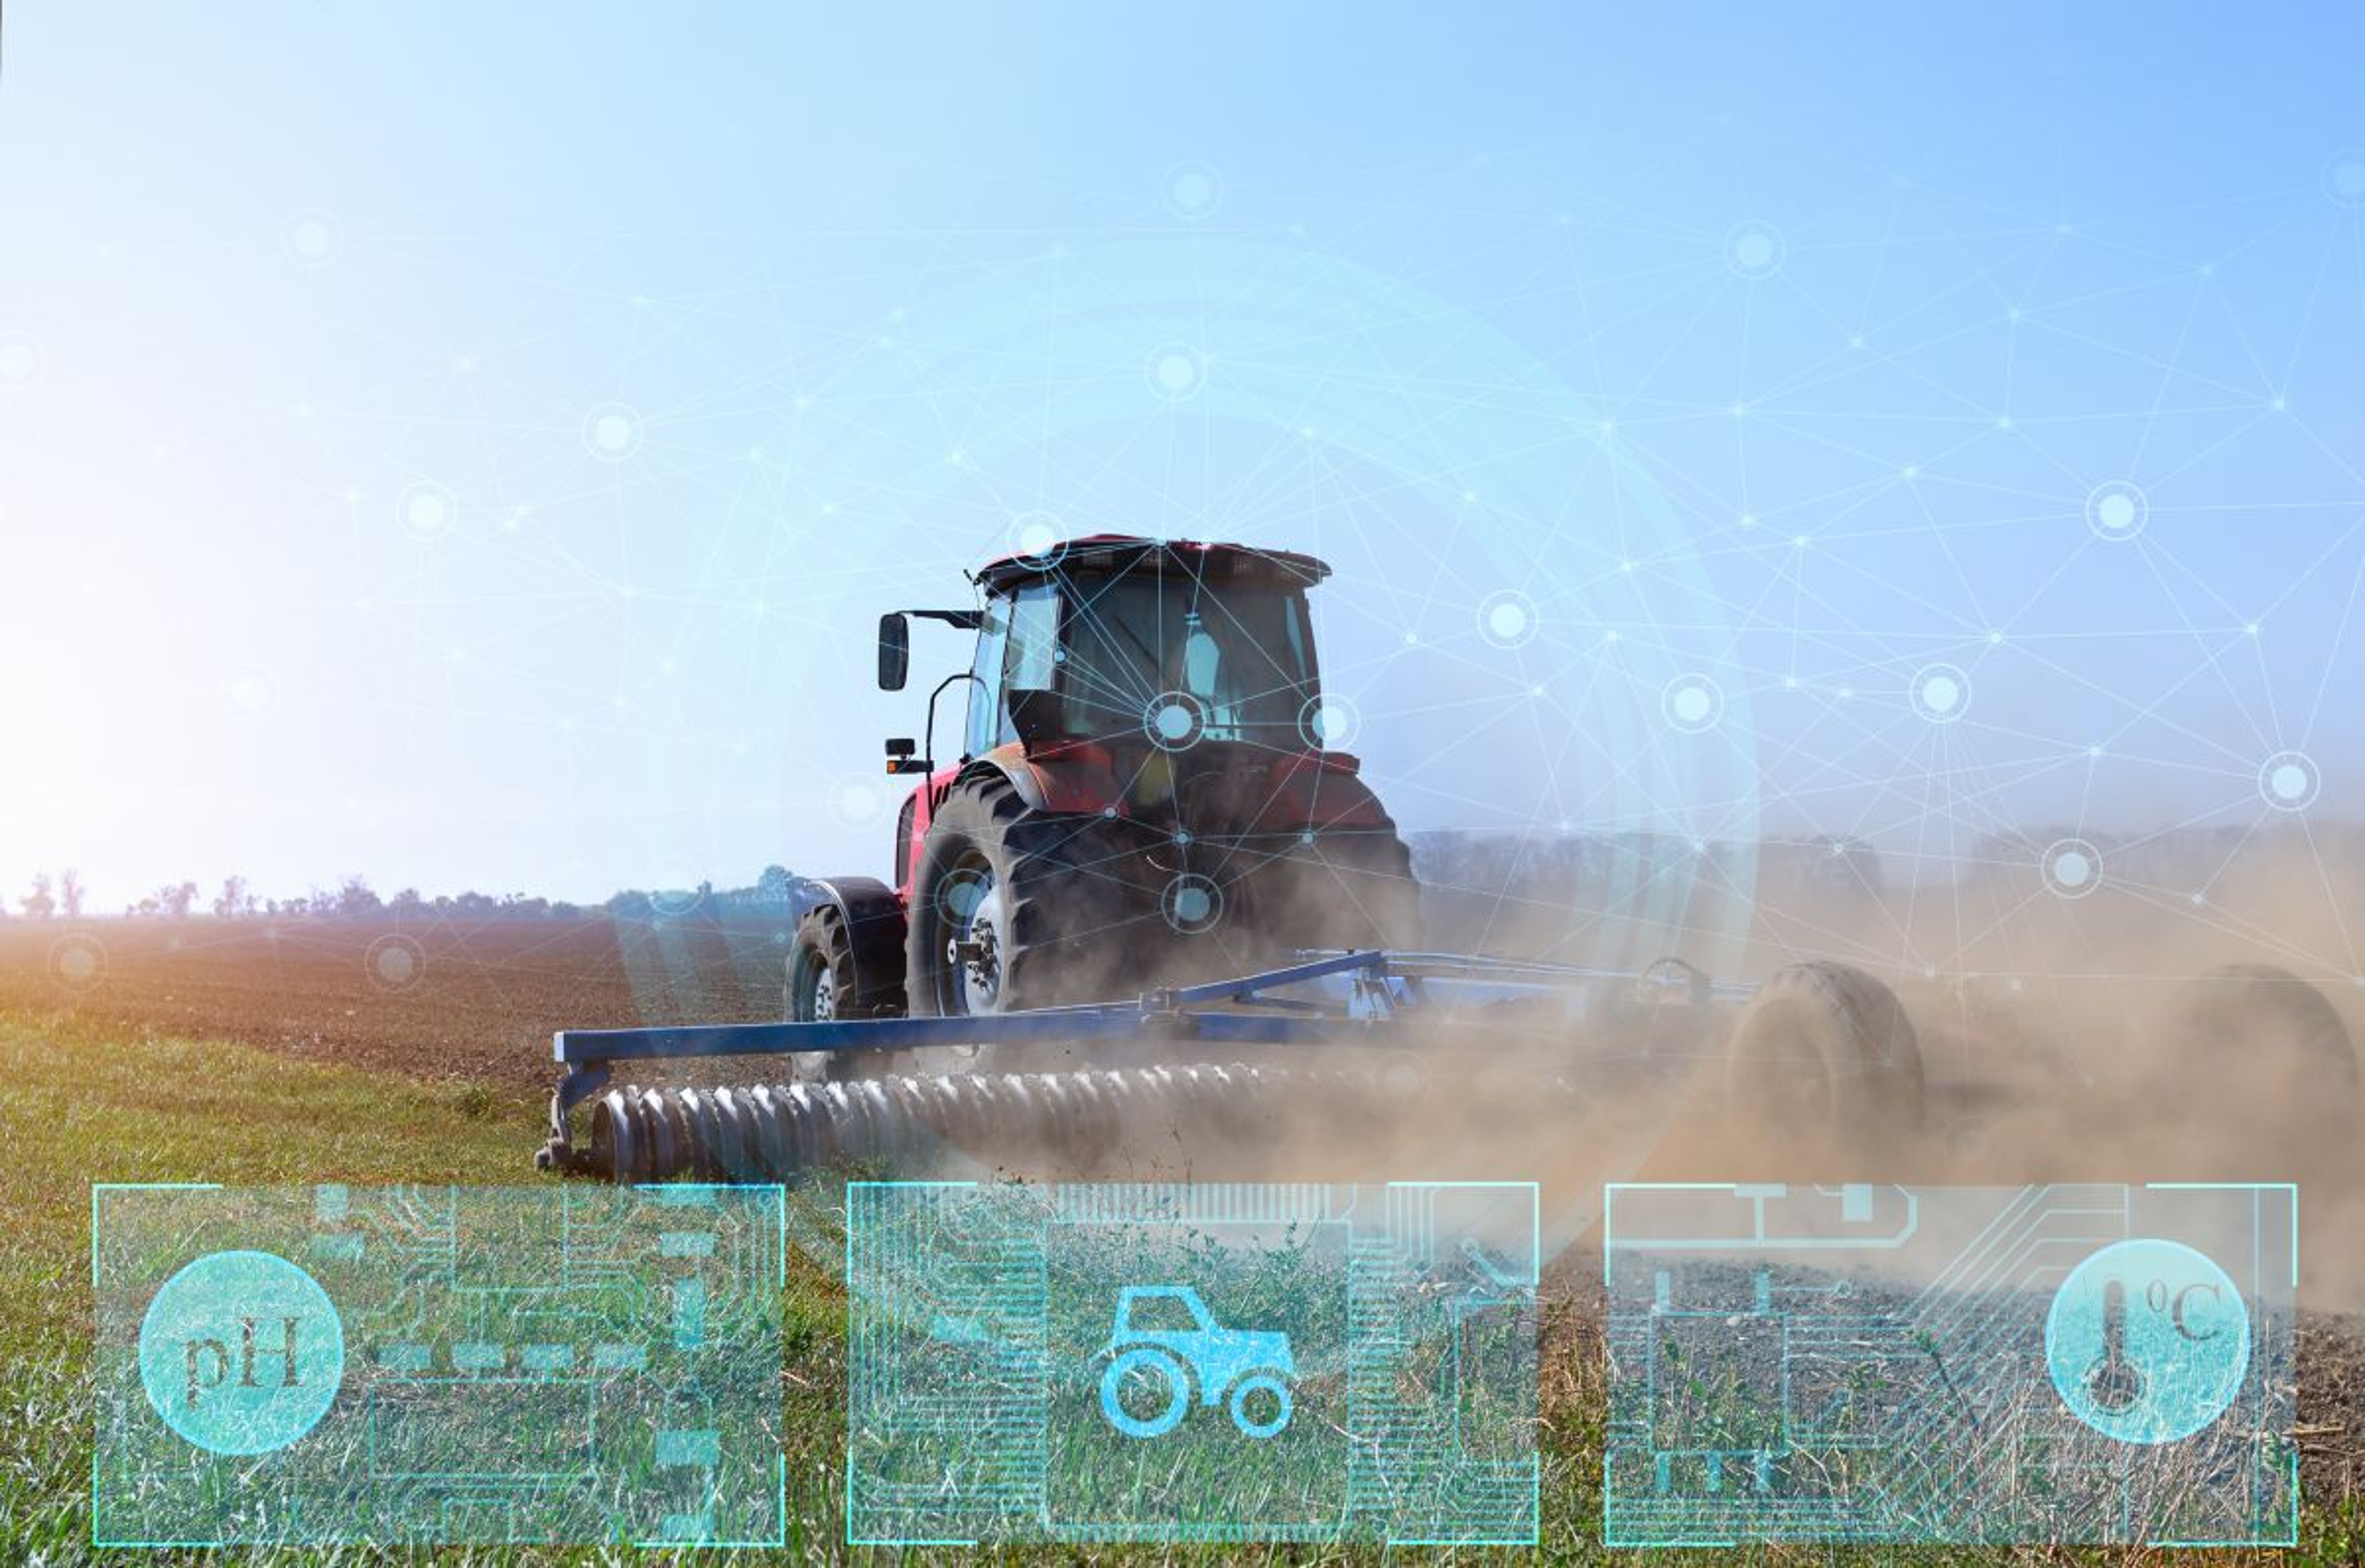 Agri tech machinery